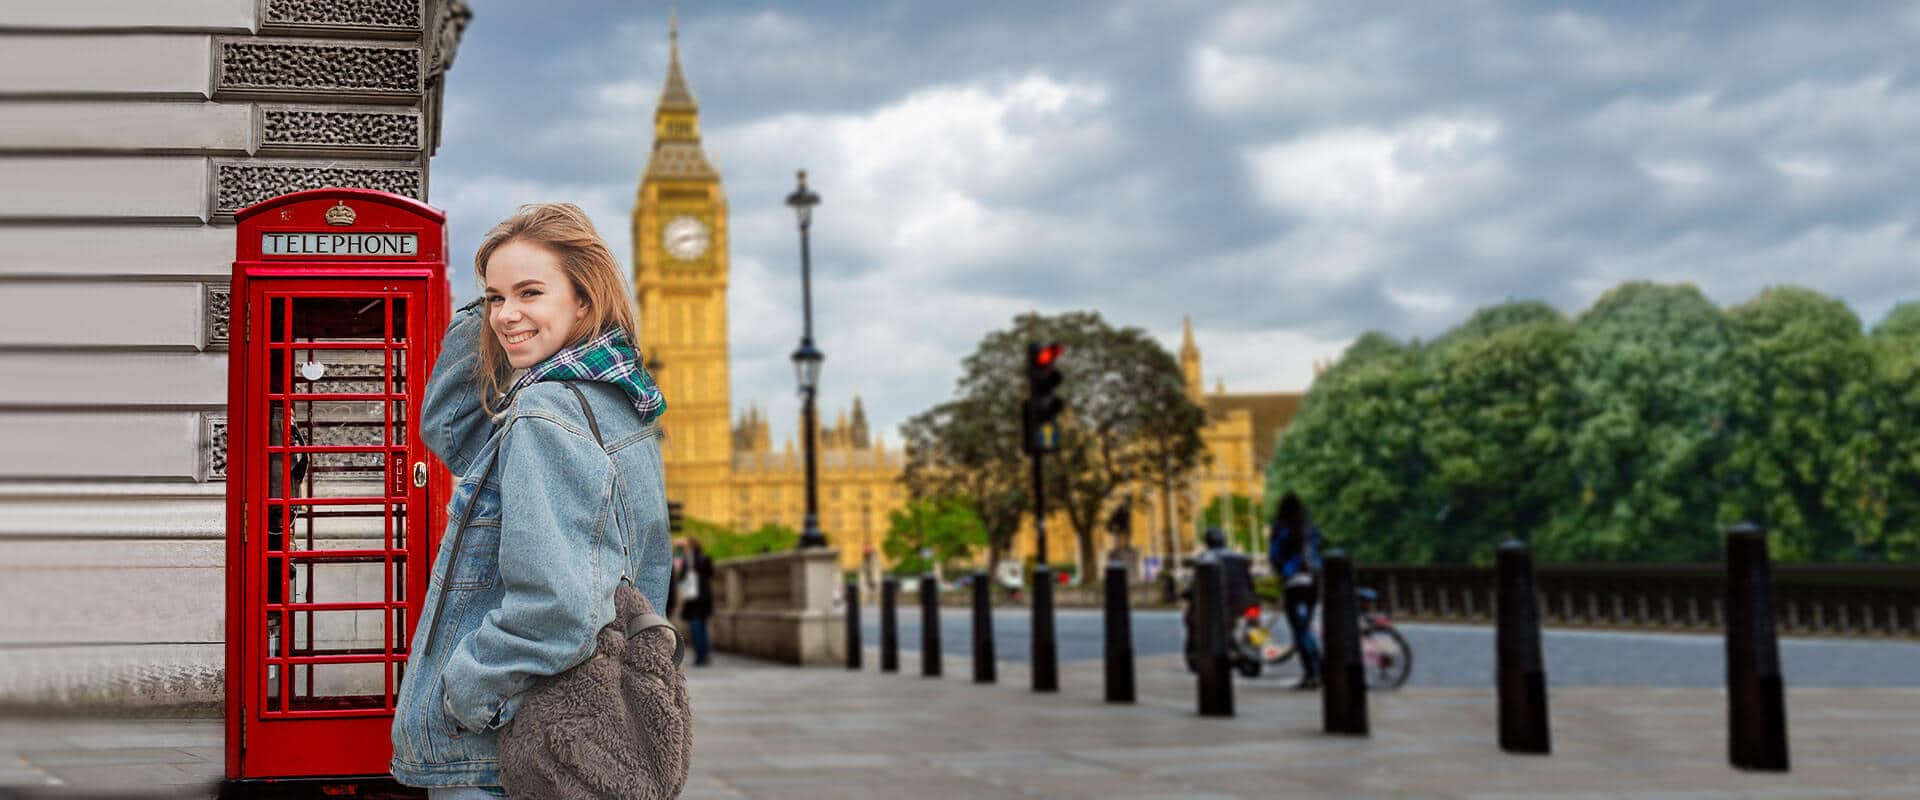 Auslandskrankenversicherung für Studenten Großbritannien